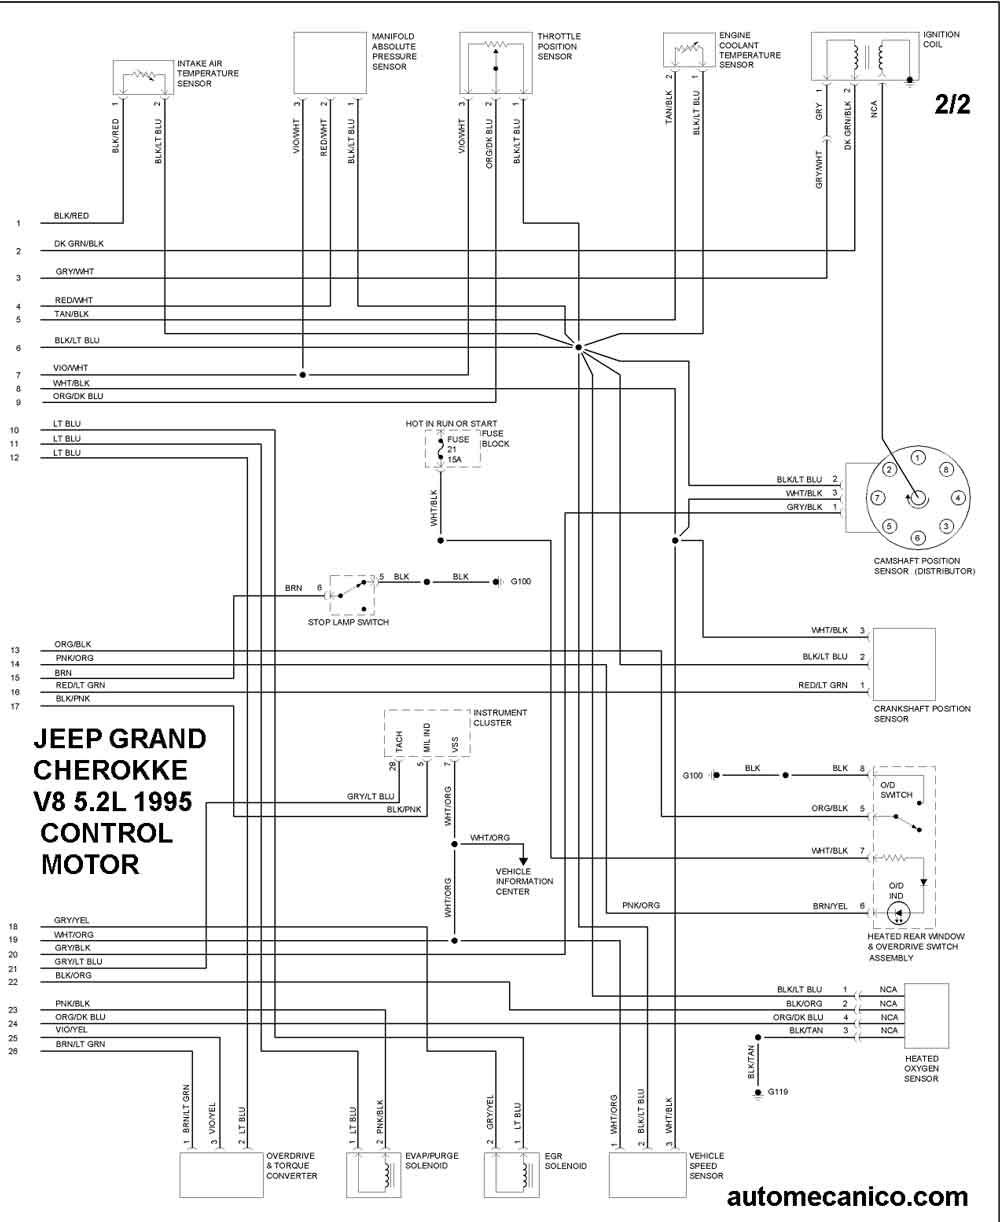 Jeep 1995 Diagramas Control Del Motor Vehiculos 1995